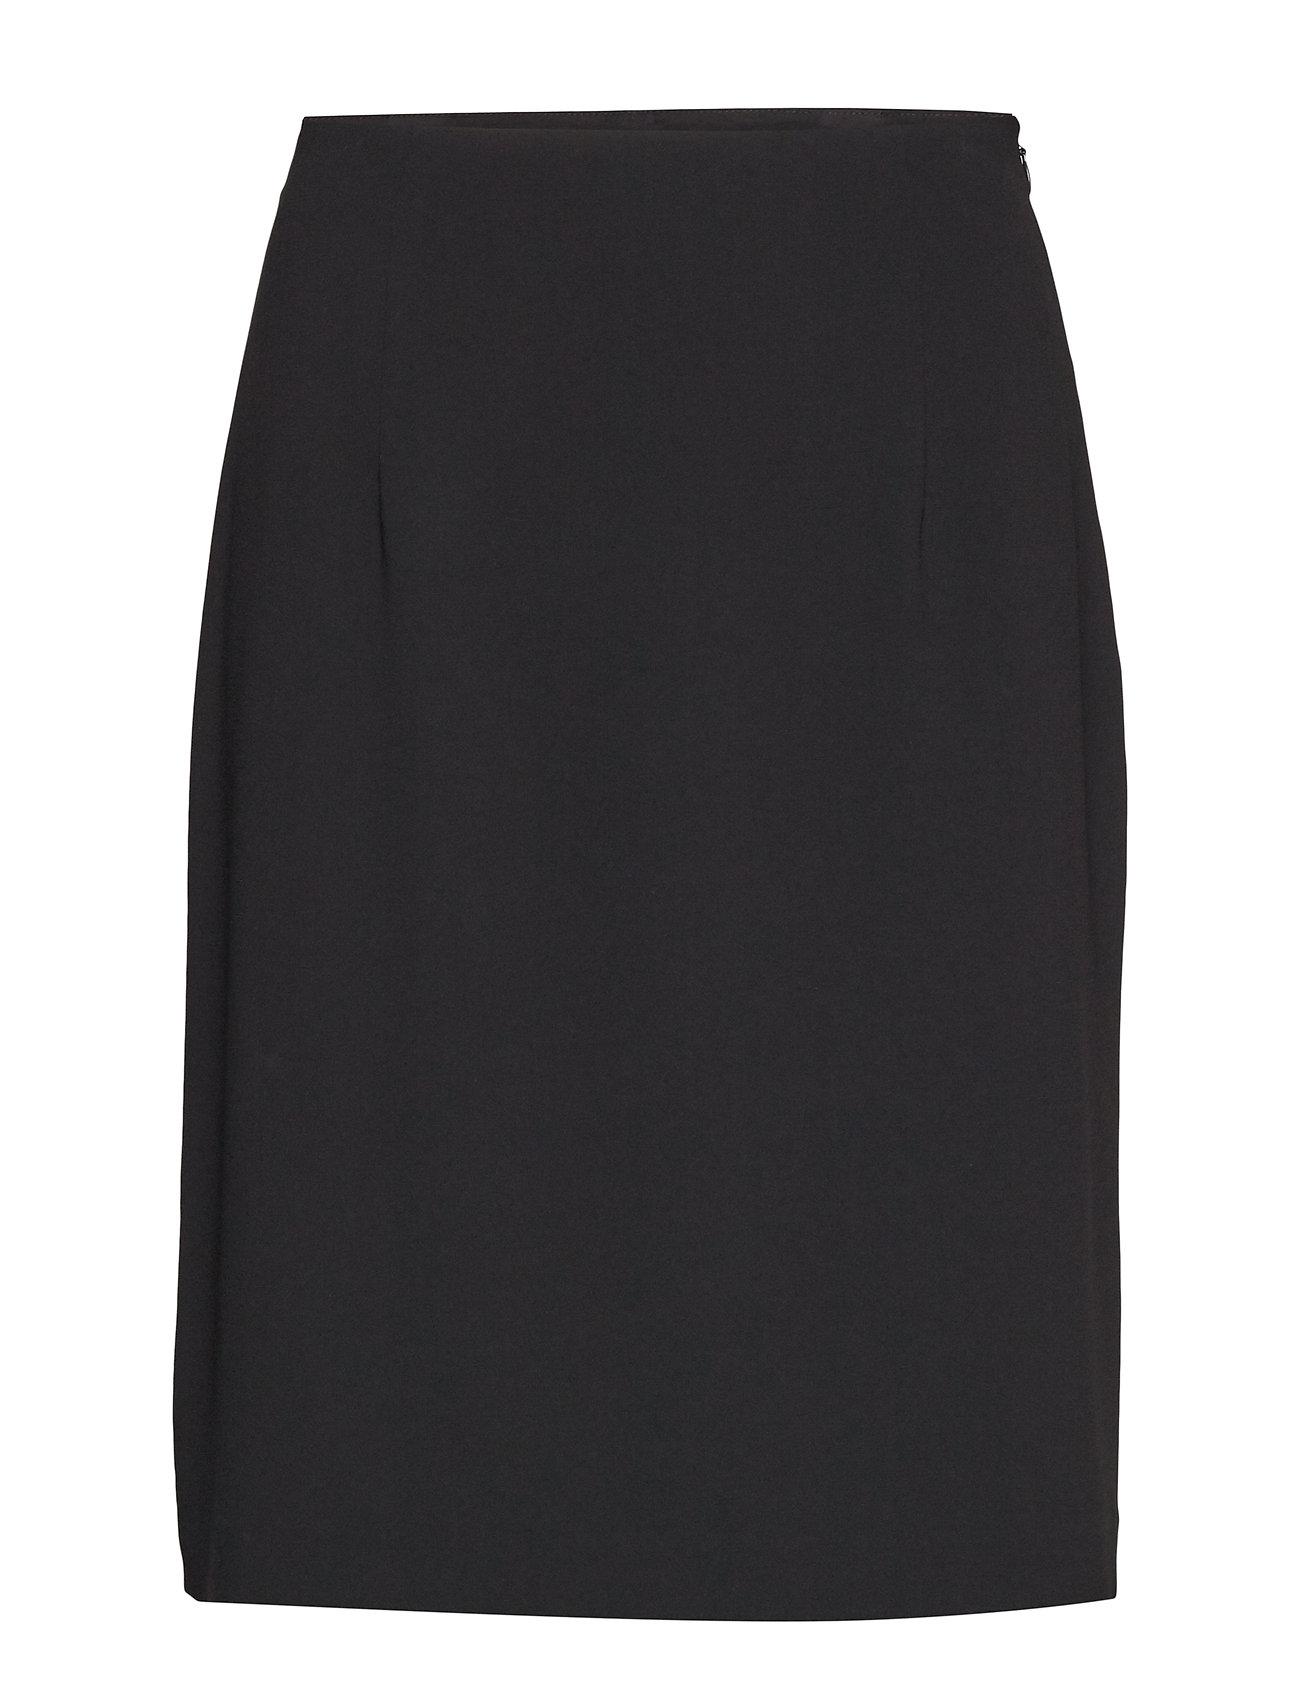 Filippa K High Waist Crepe Skirt - BLACK